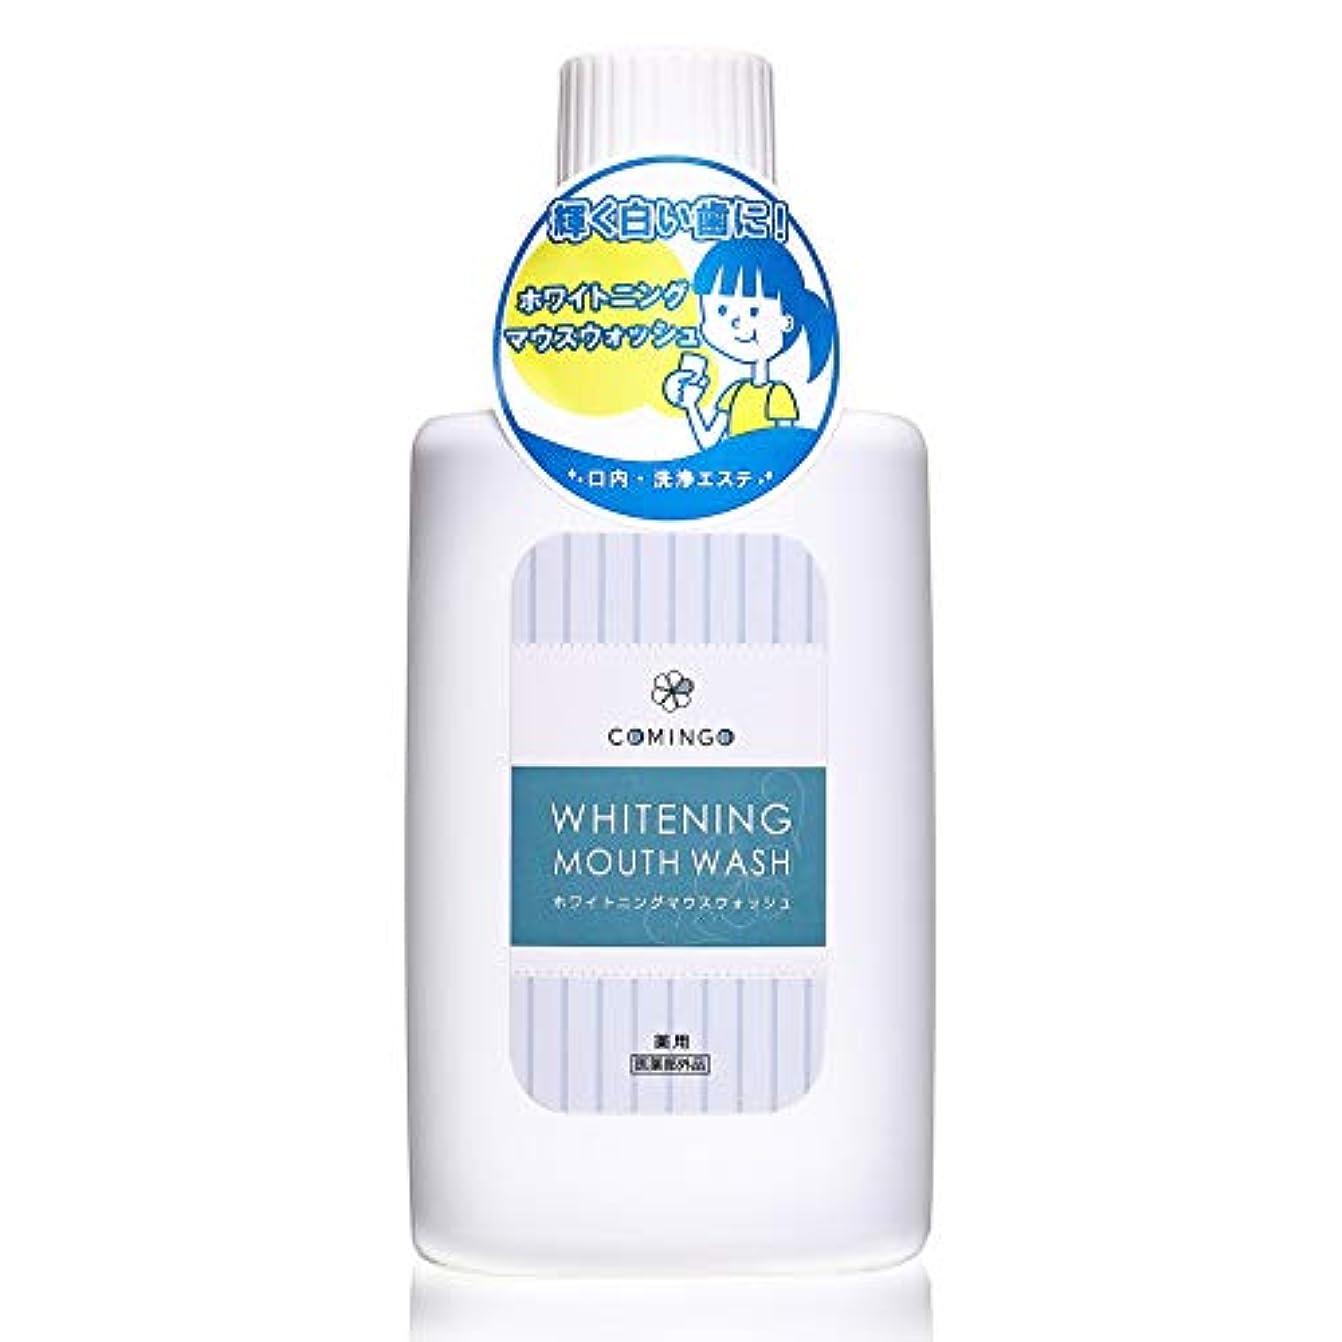 COMINGO(コミンゴ) ホワイトニング マウスウォッシュ 口内洗浄液 500ml [医薬部外品]【白い歯の秘密はコレ!】